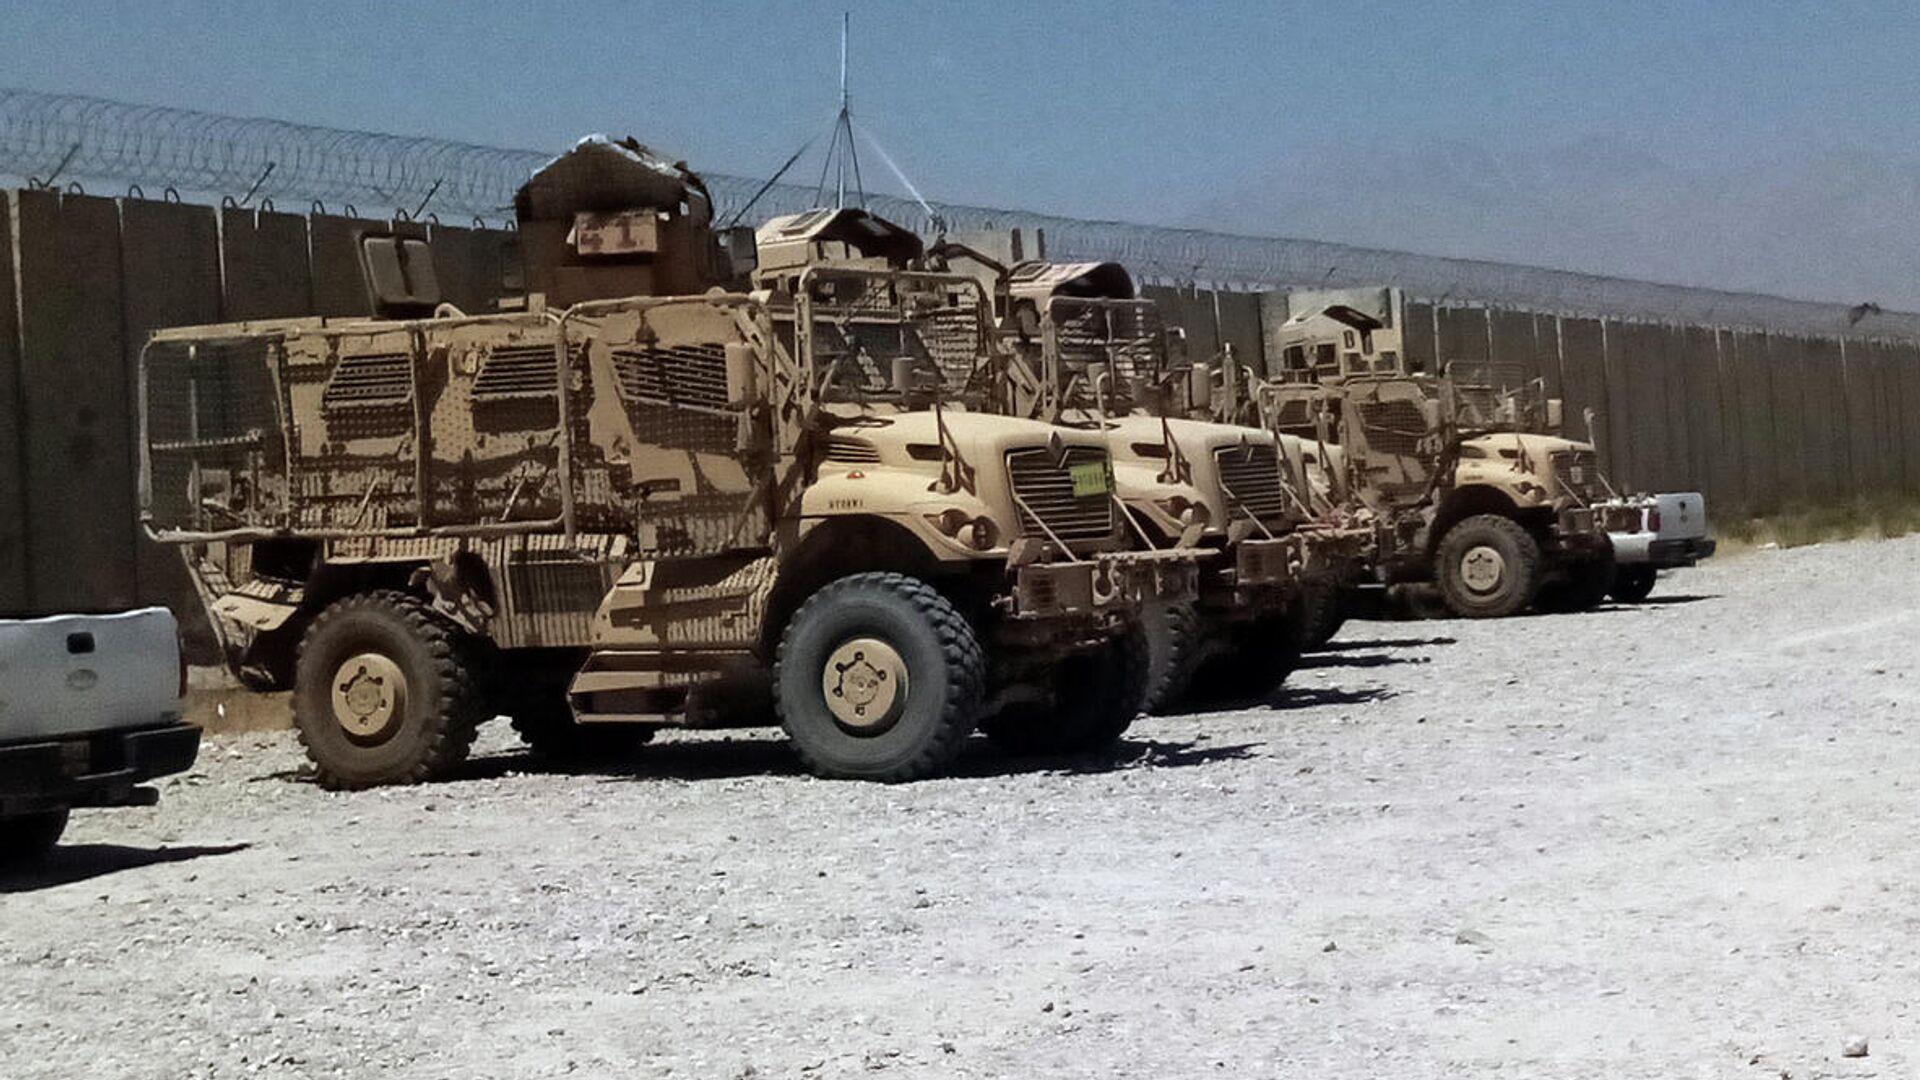 США не отчитывались об операции в Афганистане в СБ ООН, заявила Захарова